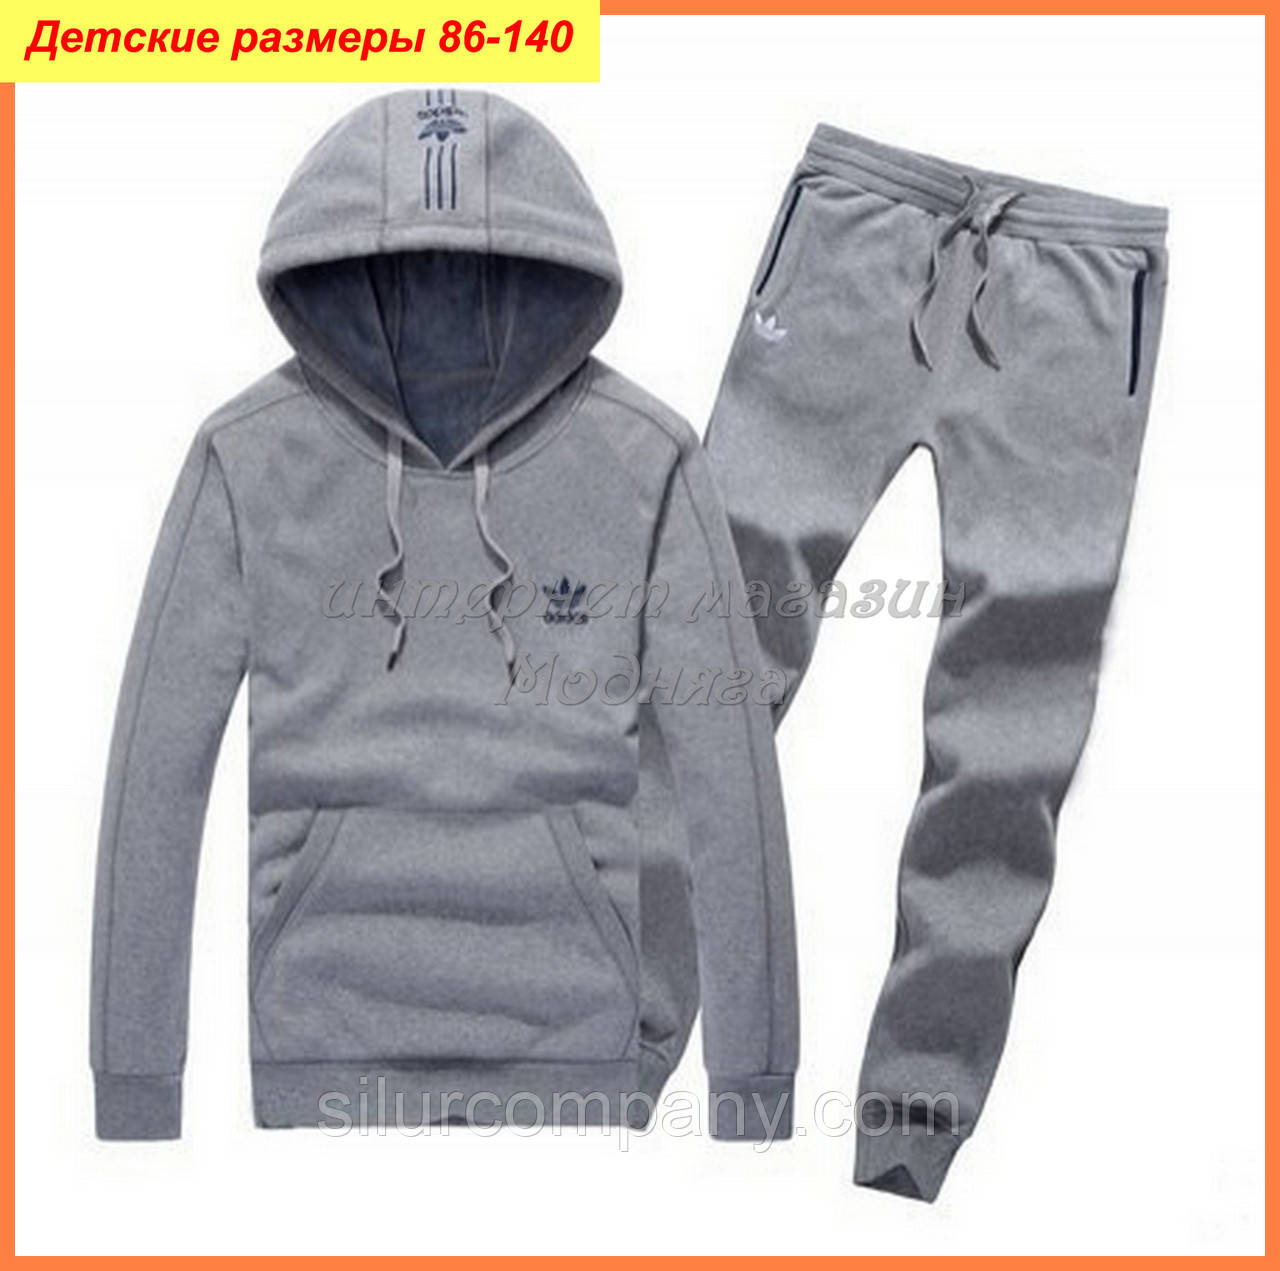 c1c84f4fd6a21c Спортивные костюмы Адидас с вышивкой лого для подростков, фото 1 -5% Скидка  · Спортивные костюмы ...